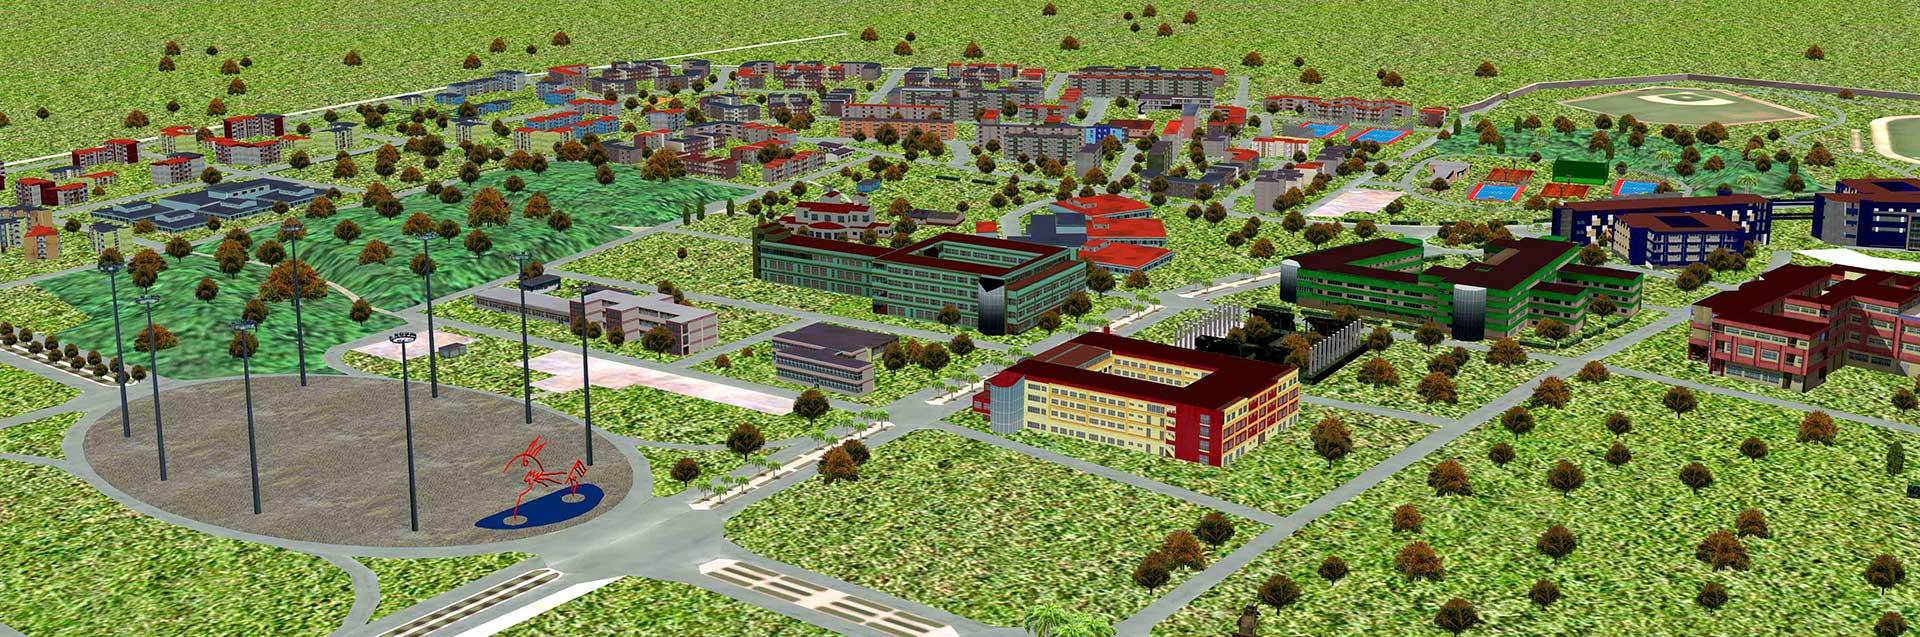 Campus de la Universidad de las Ciencias Informáticas UCI en un paseo virtual